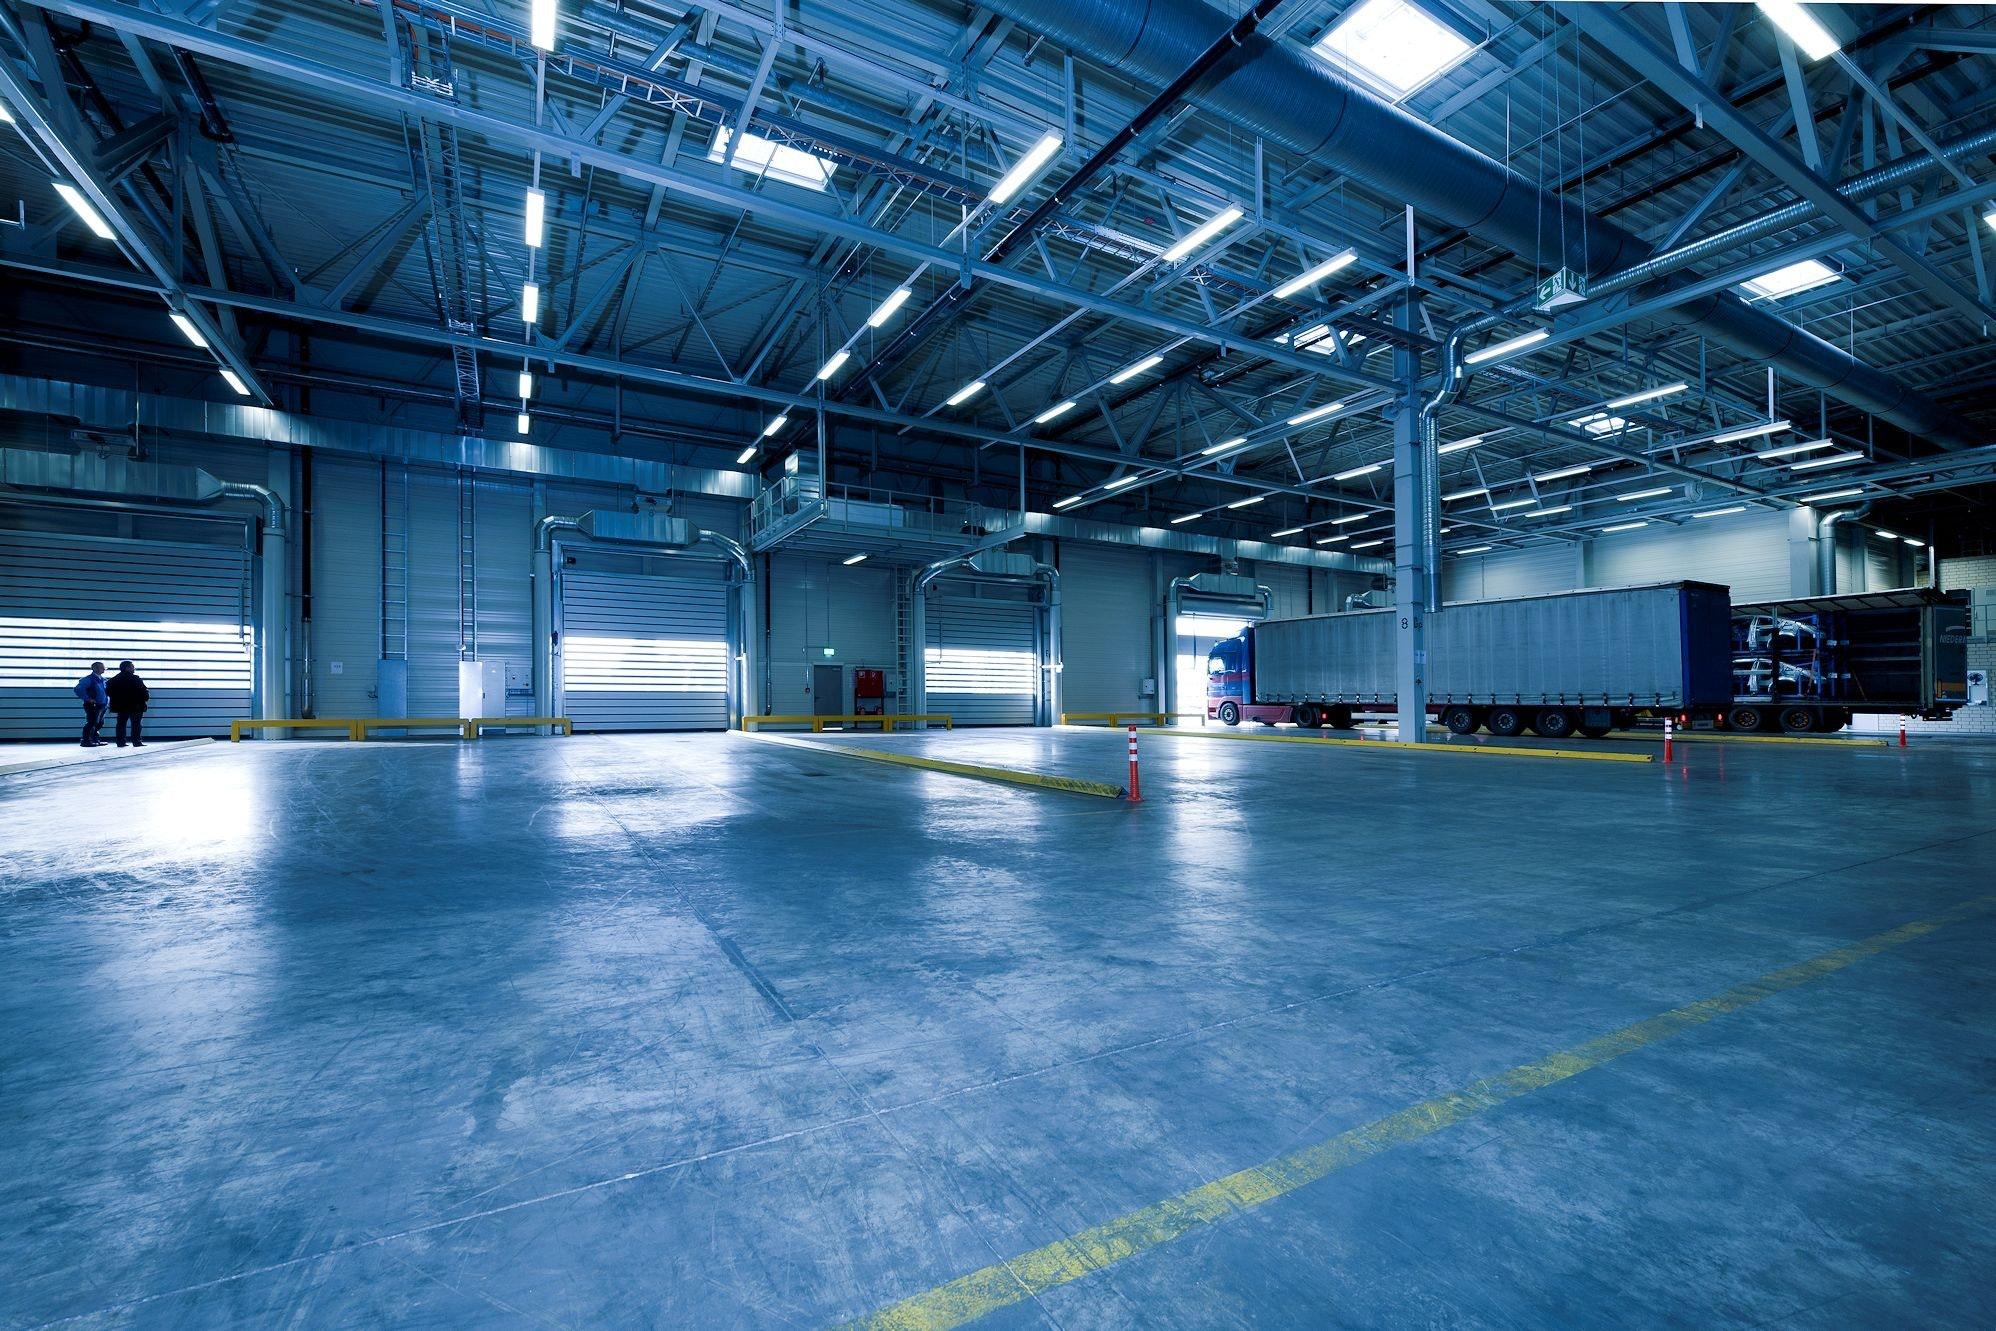 Wnętrzne hali produkcyjnej